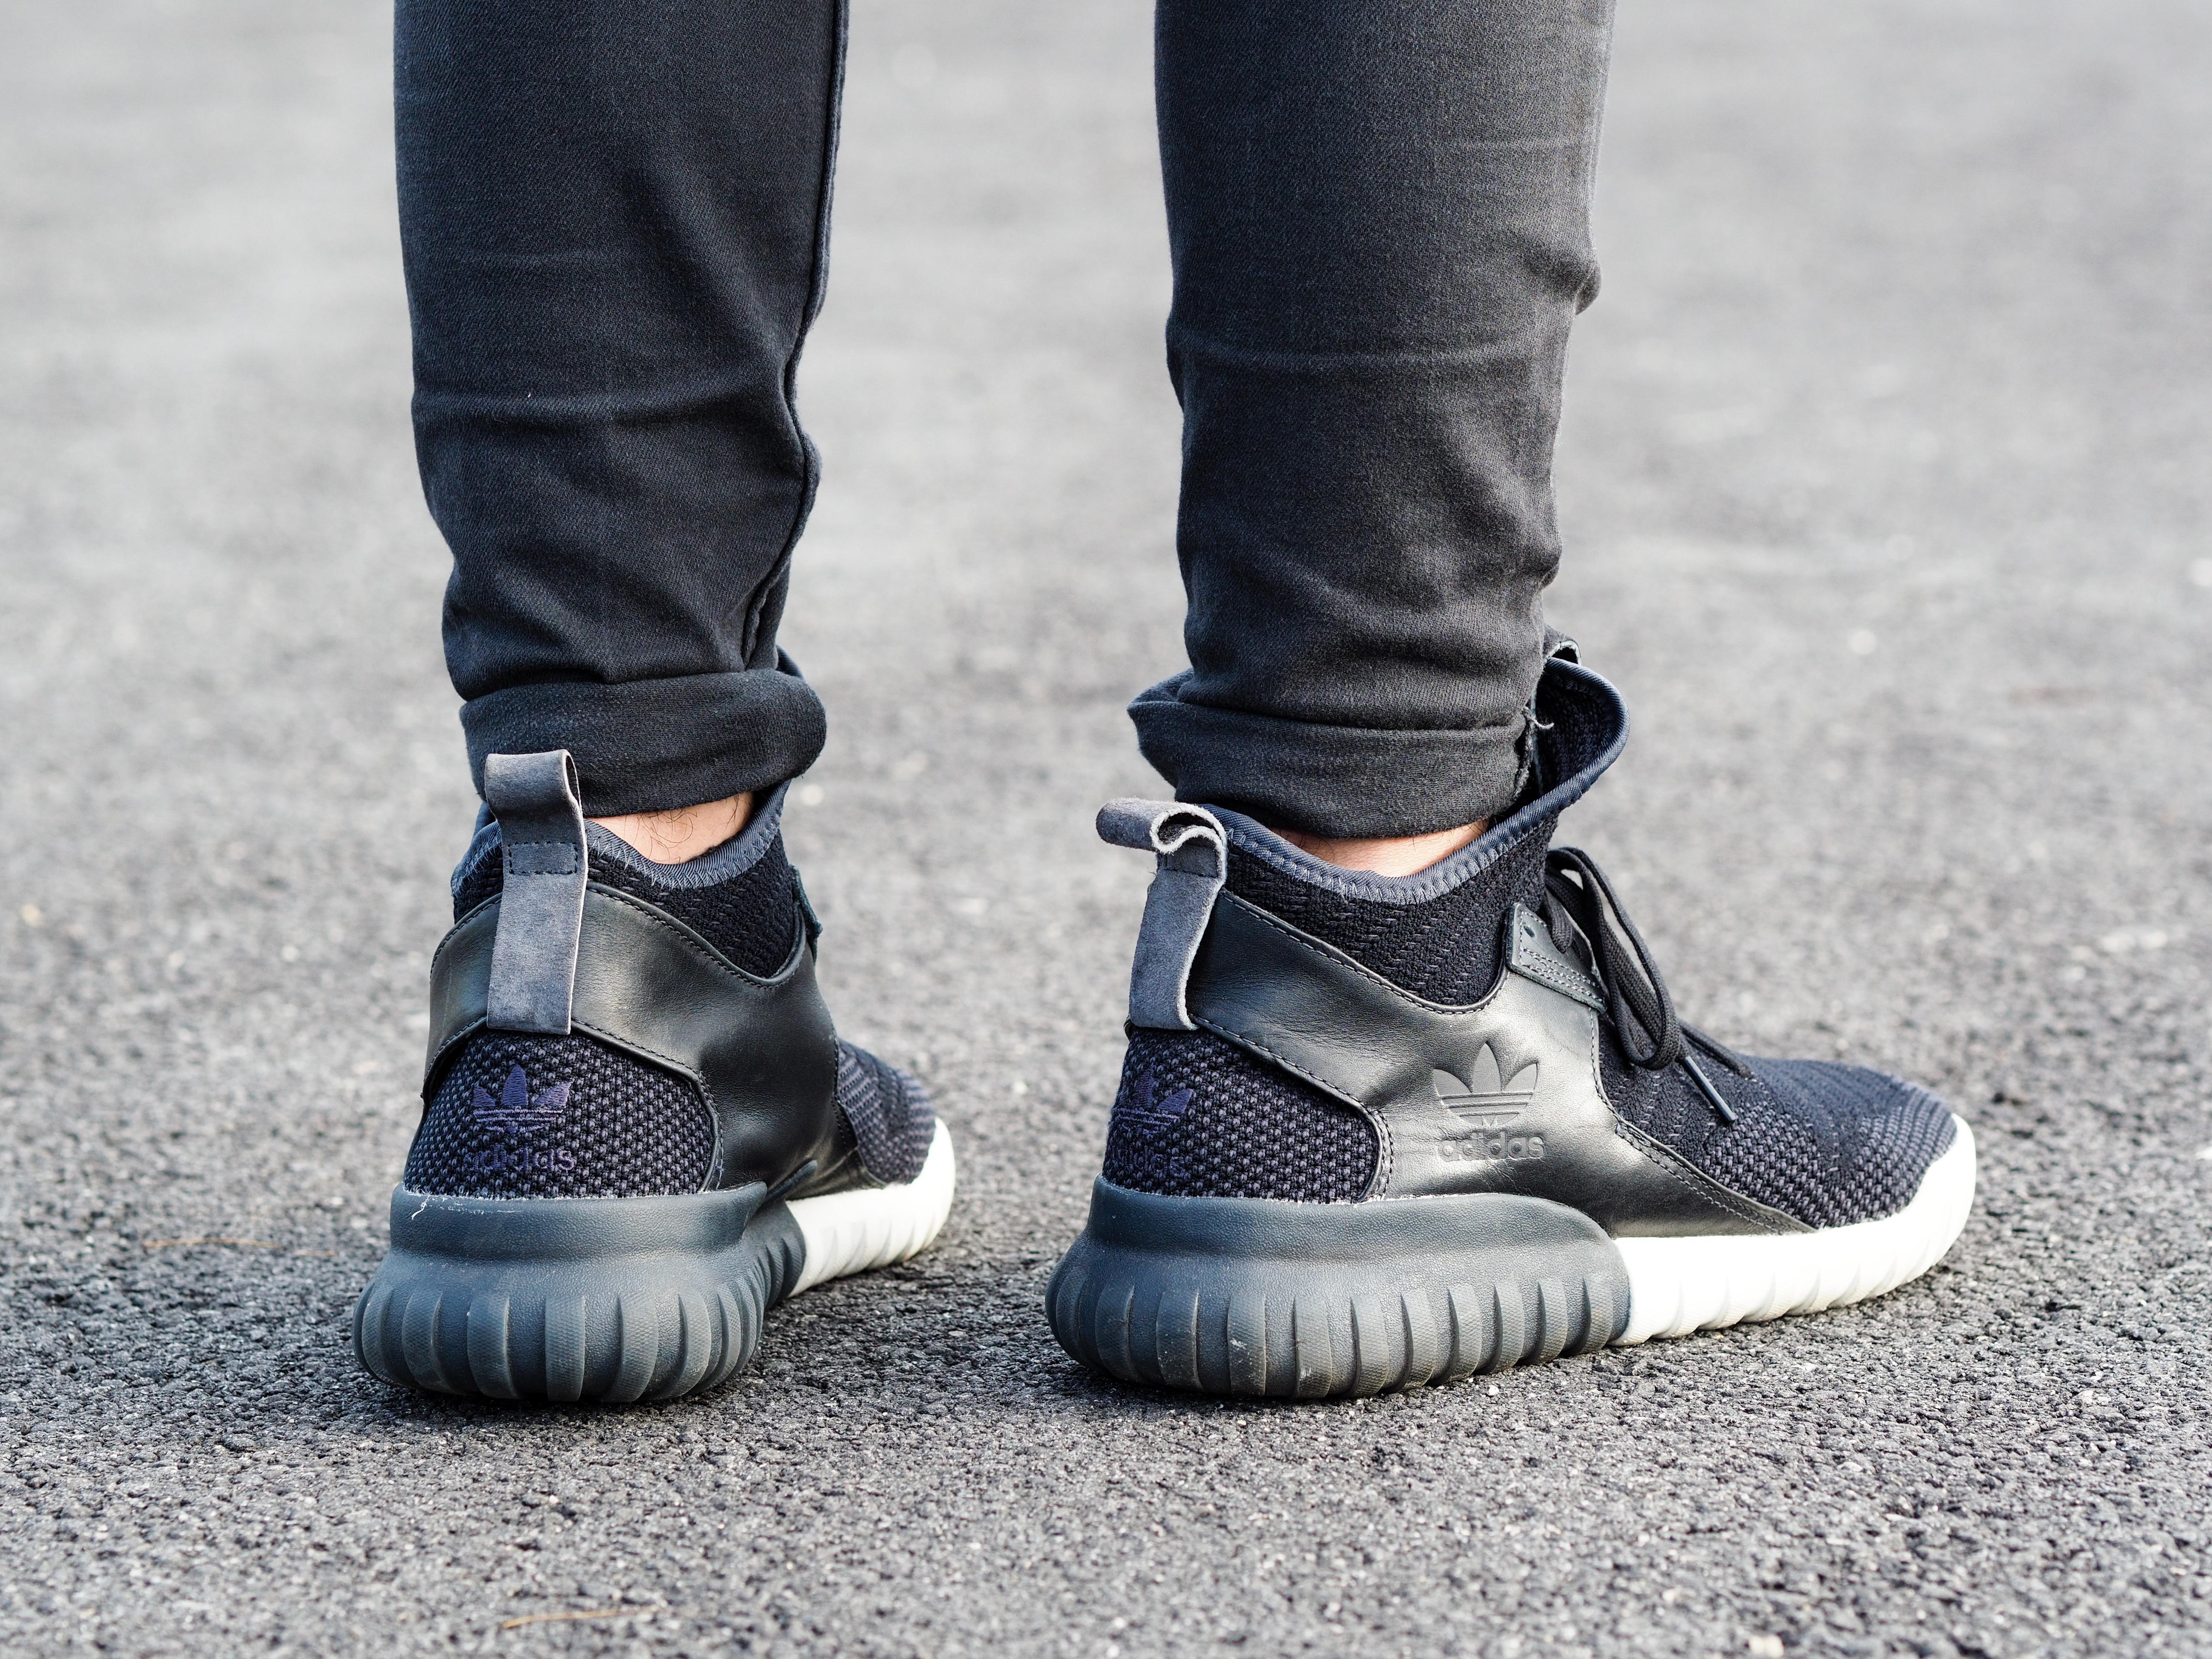 Adidas Tubular X Fashion